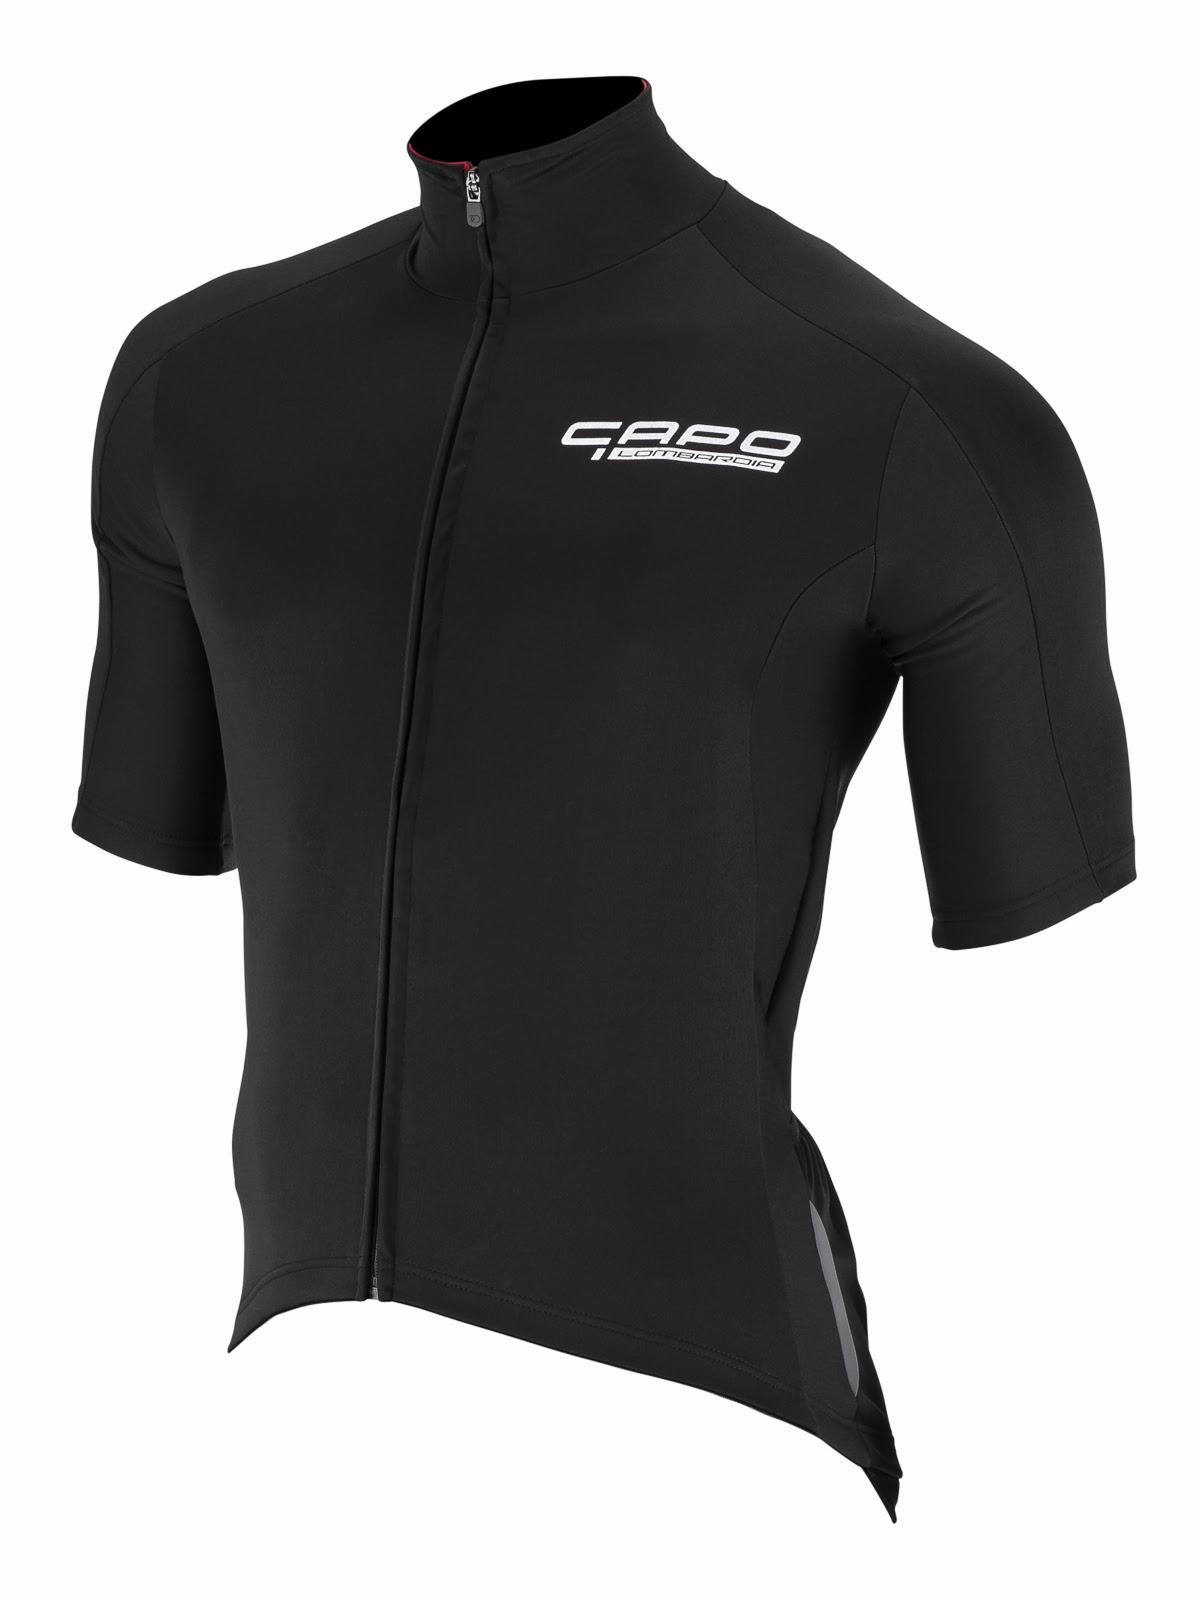 Brynje Sprint Light Summer Moisture Wicking Base Layer T-Shirt Top Shirt Black